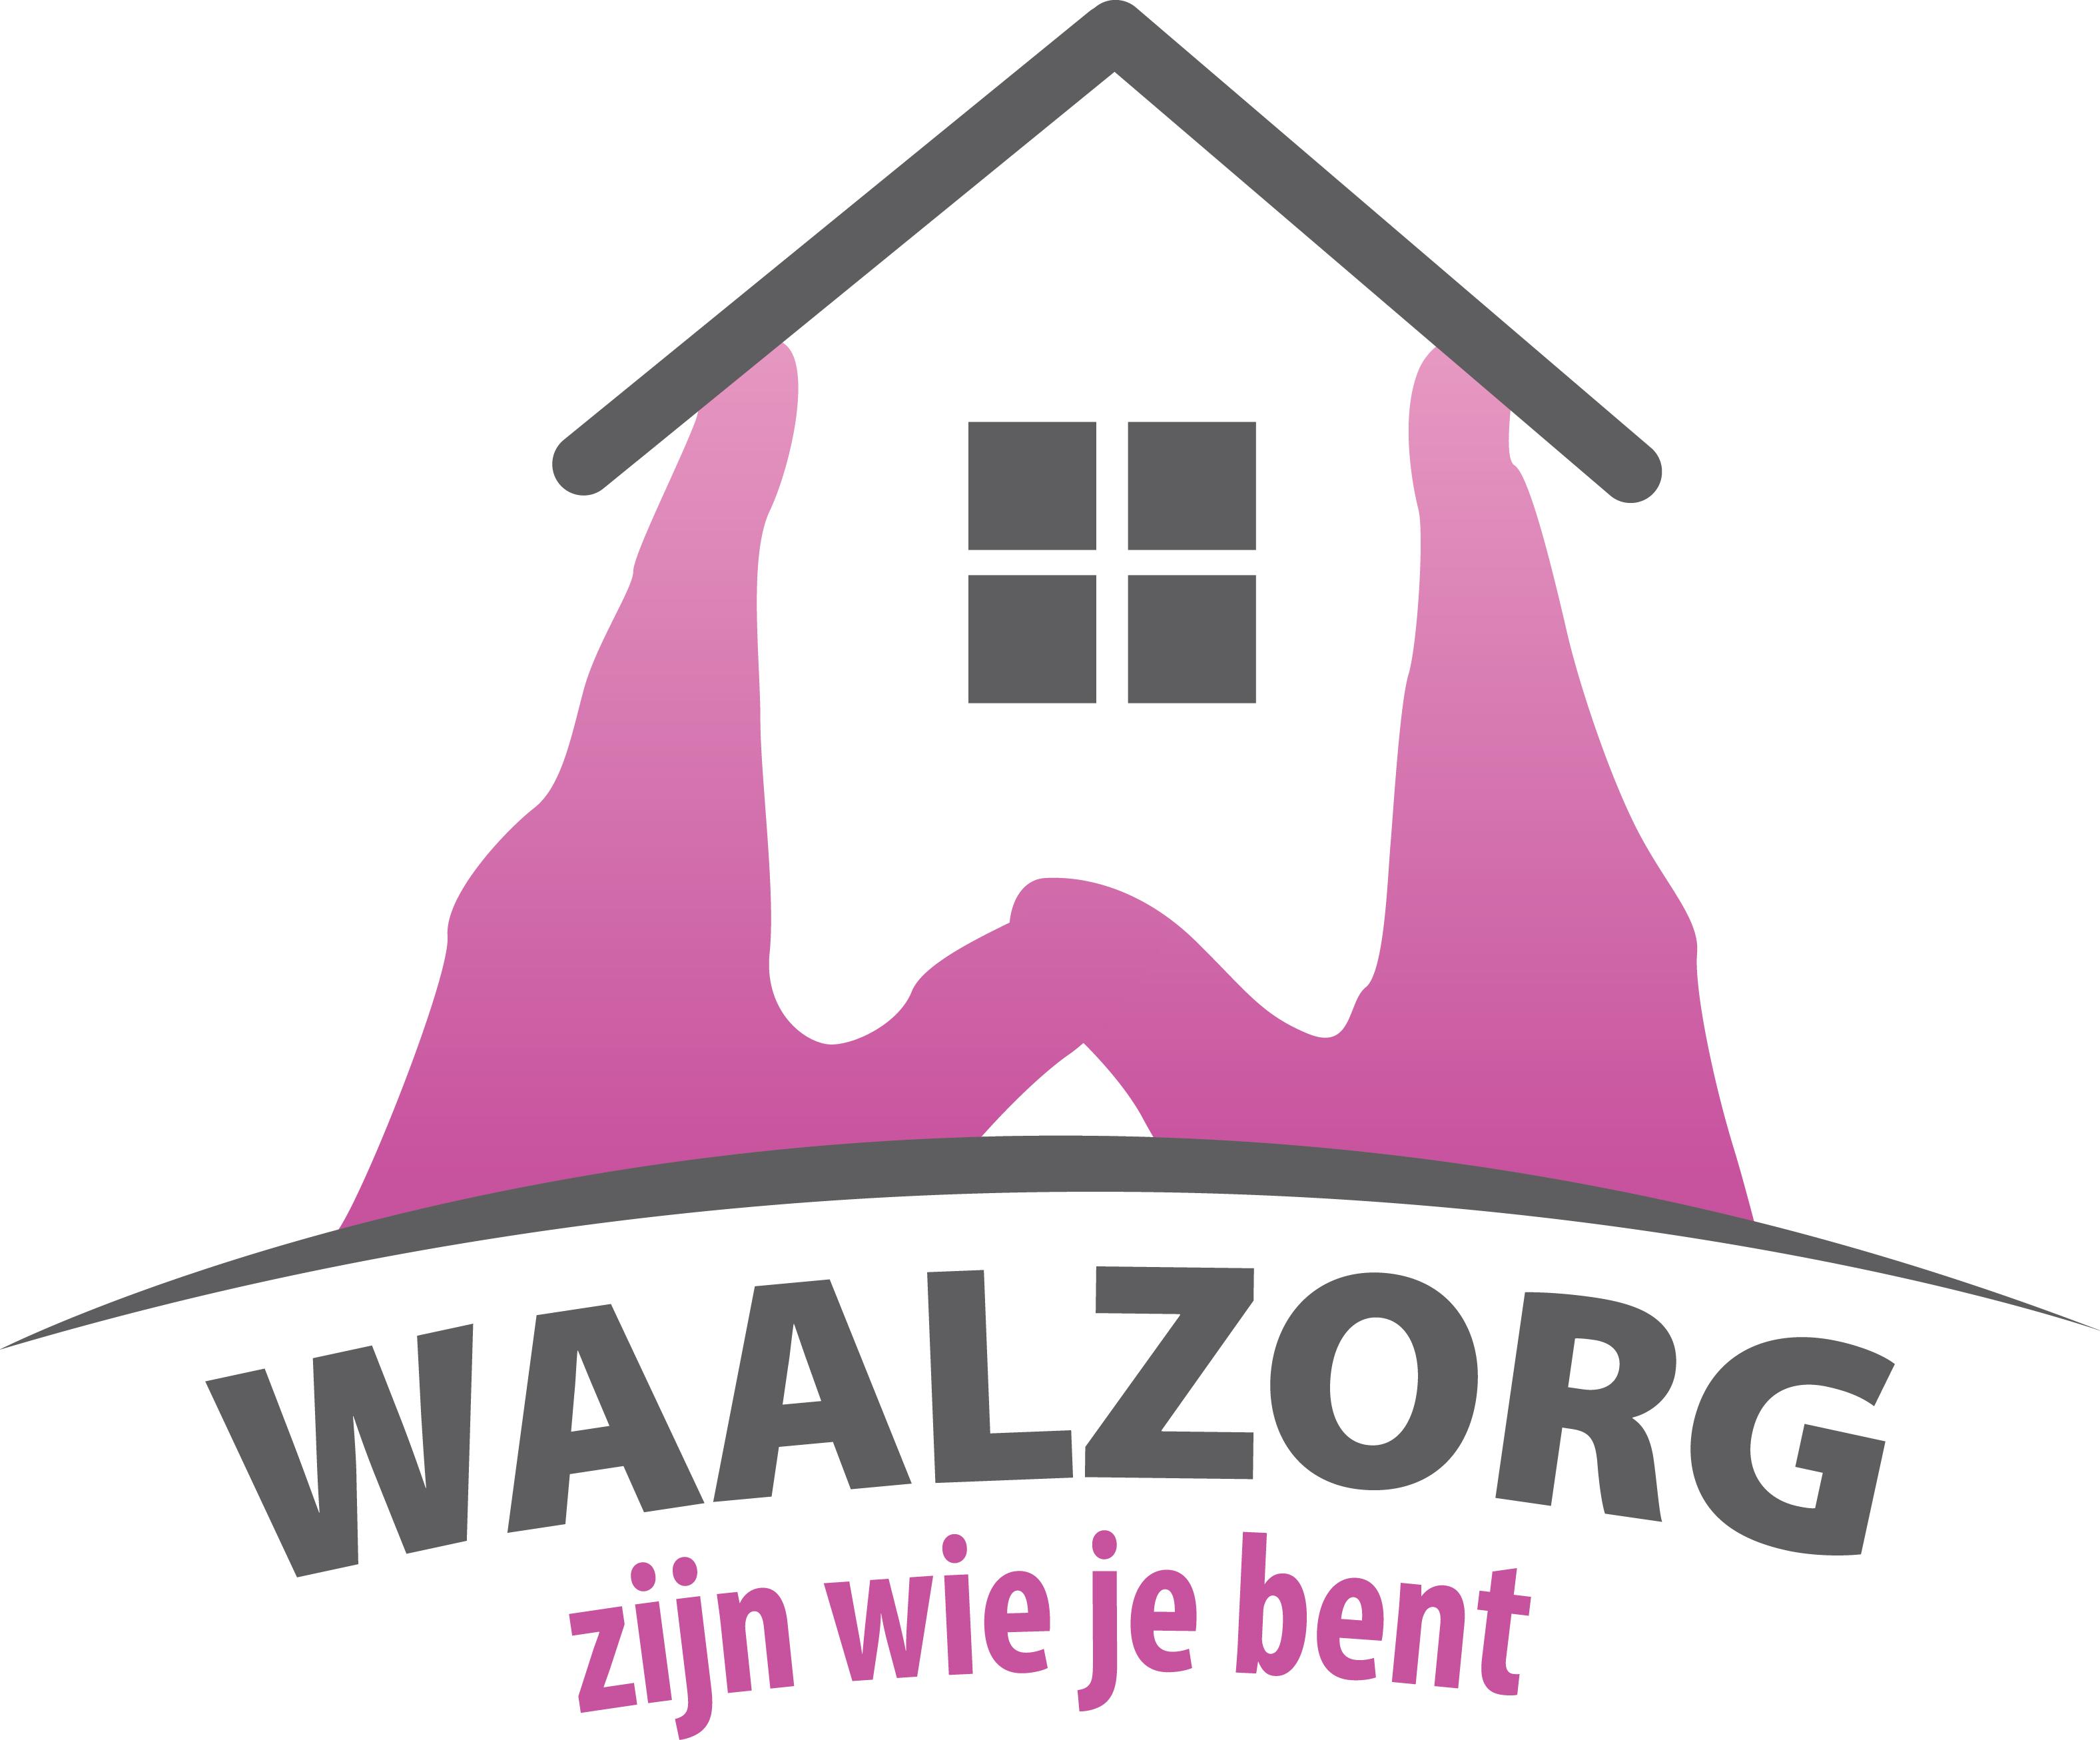 waalzorg logo - MKB Wijchen